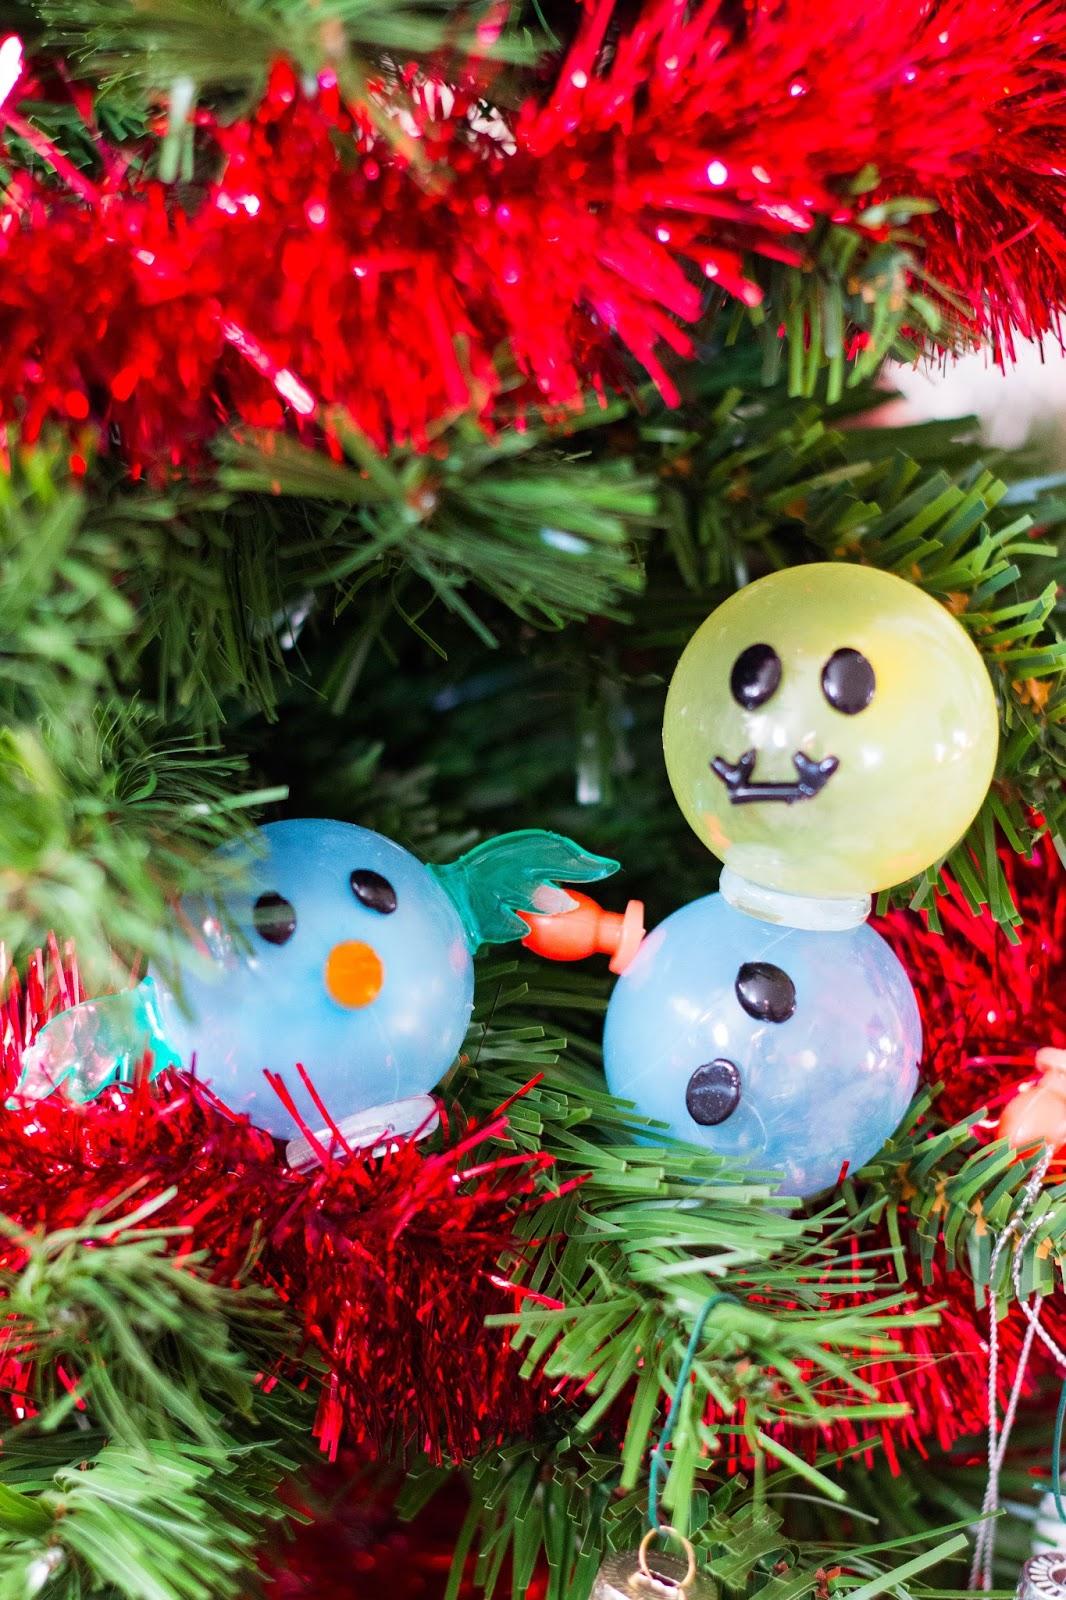 Toys Take Over Christmas